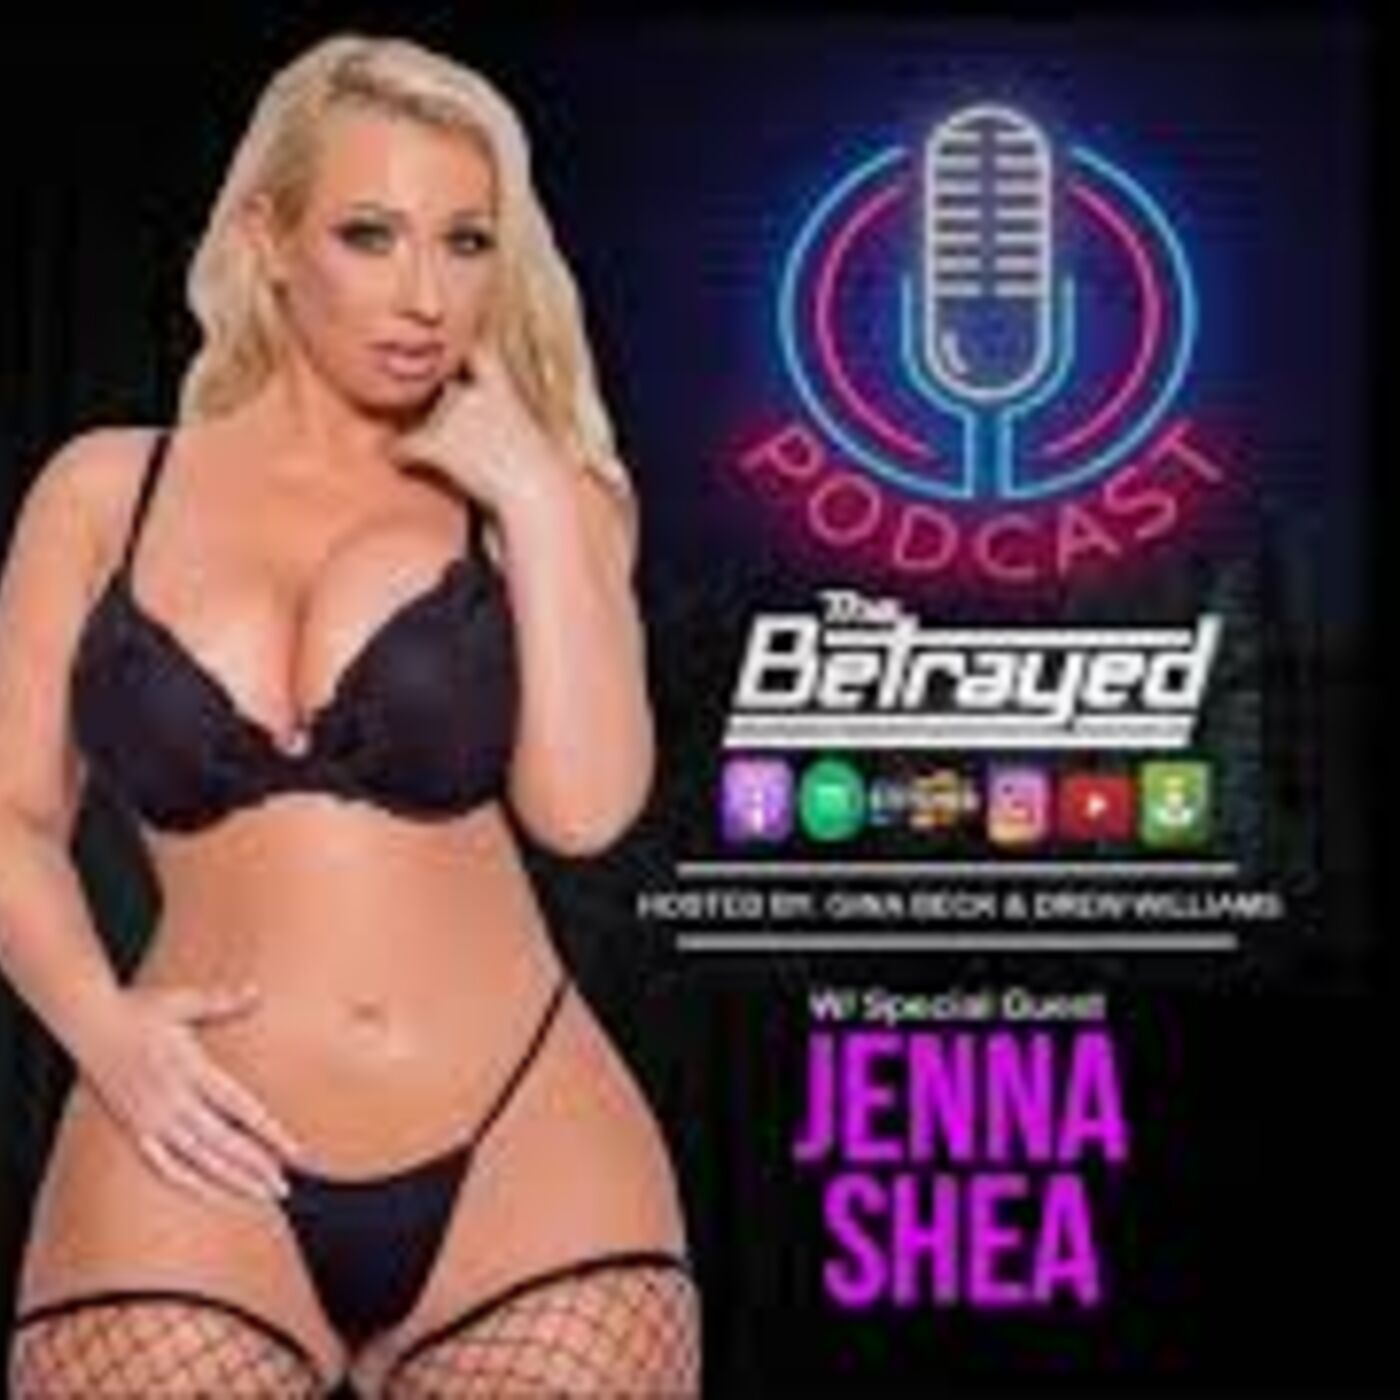 Jenna Shea Photos photo 19